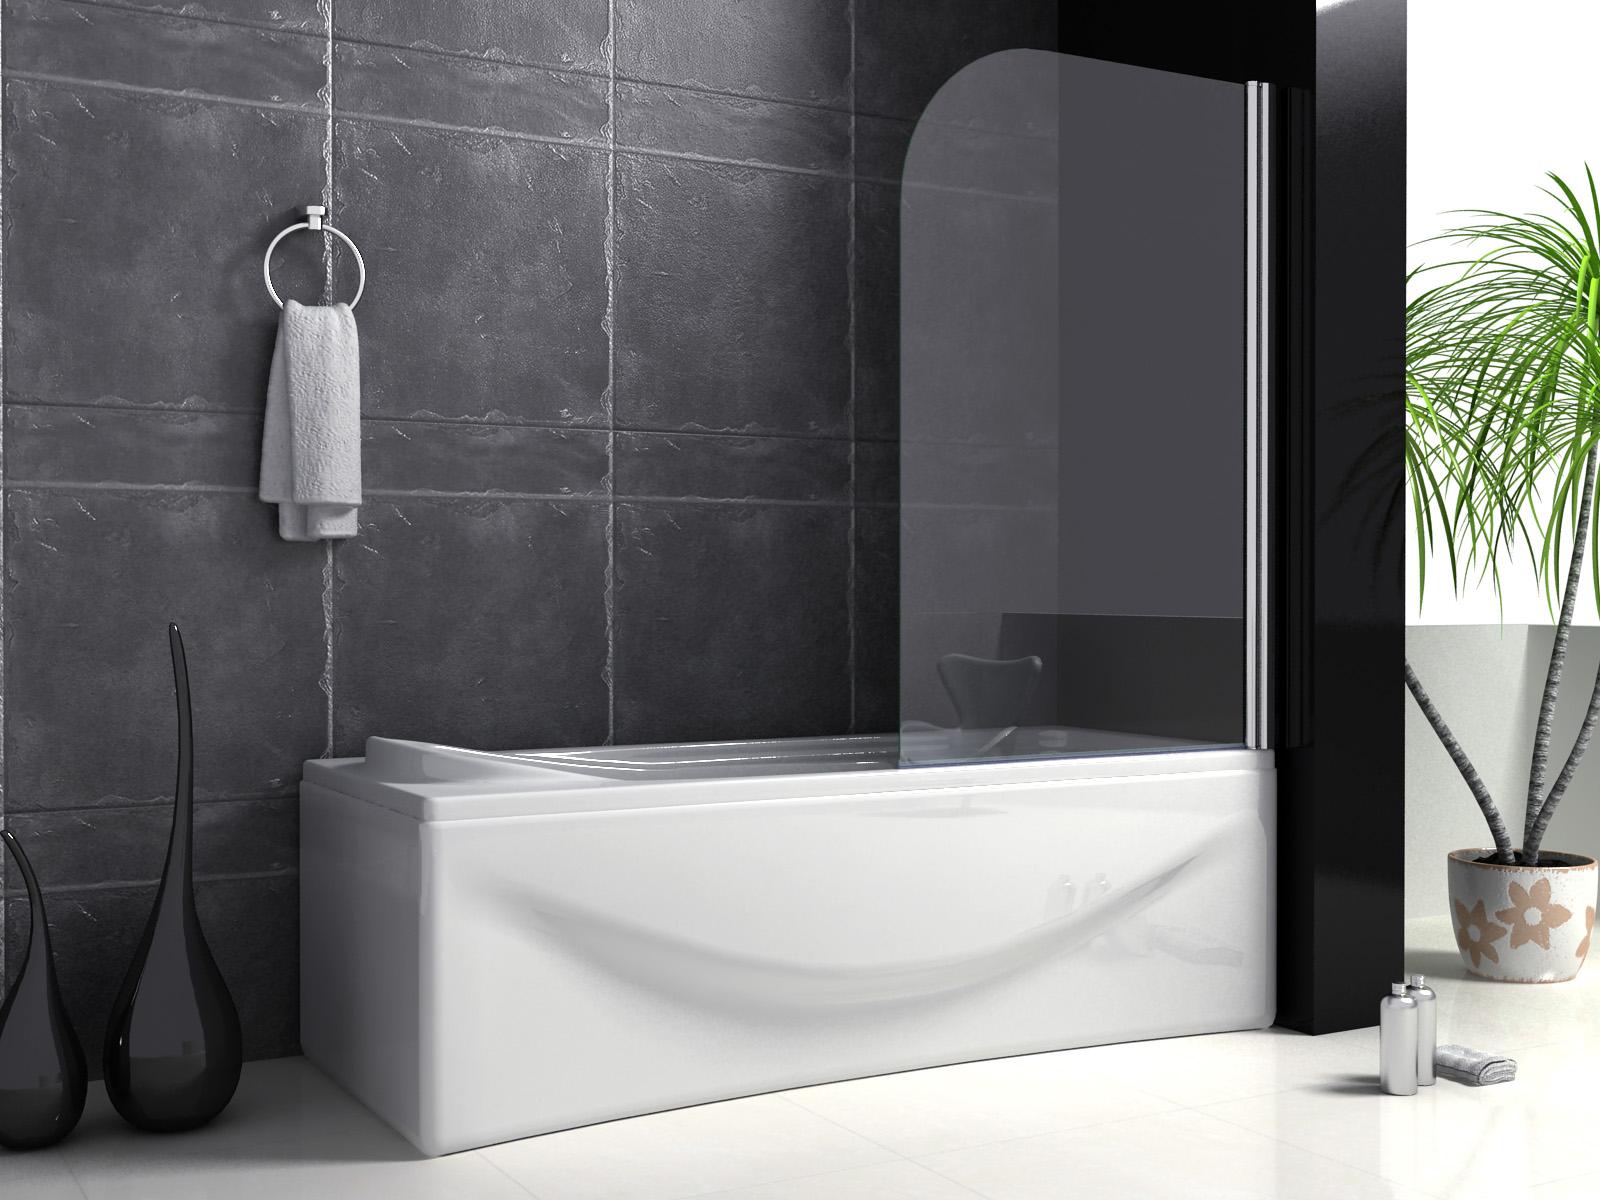 Trennwand Dusche Badewanne : Bitte teilen Sie uns f?r eventuelle R?ckfragen bei der Zustellung